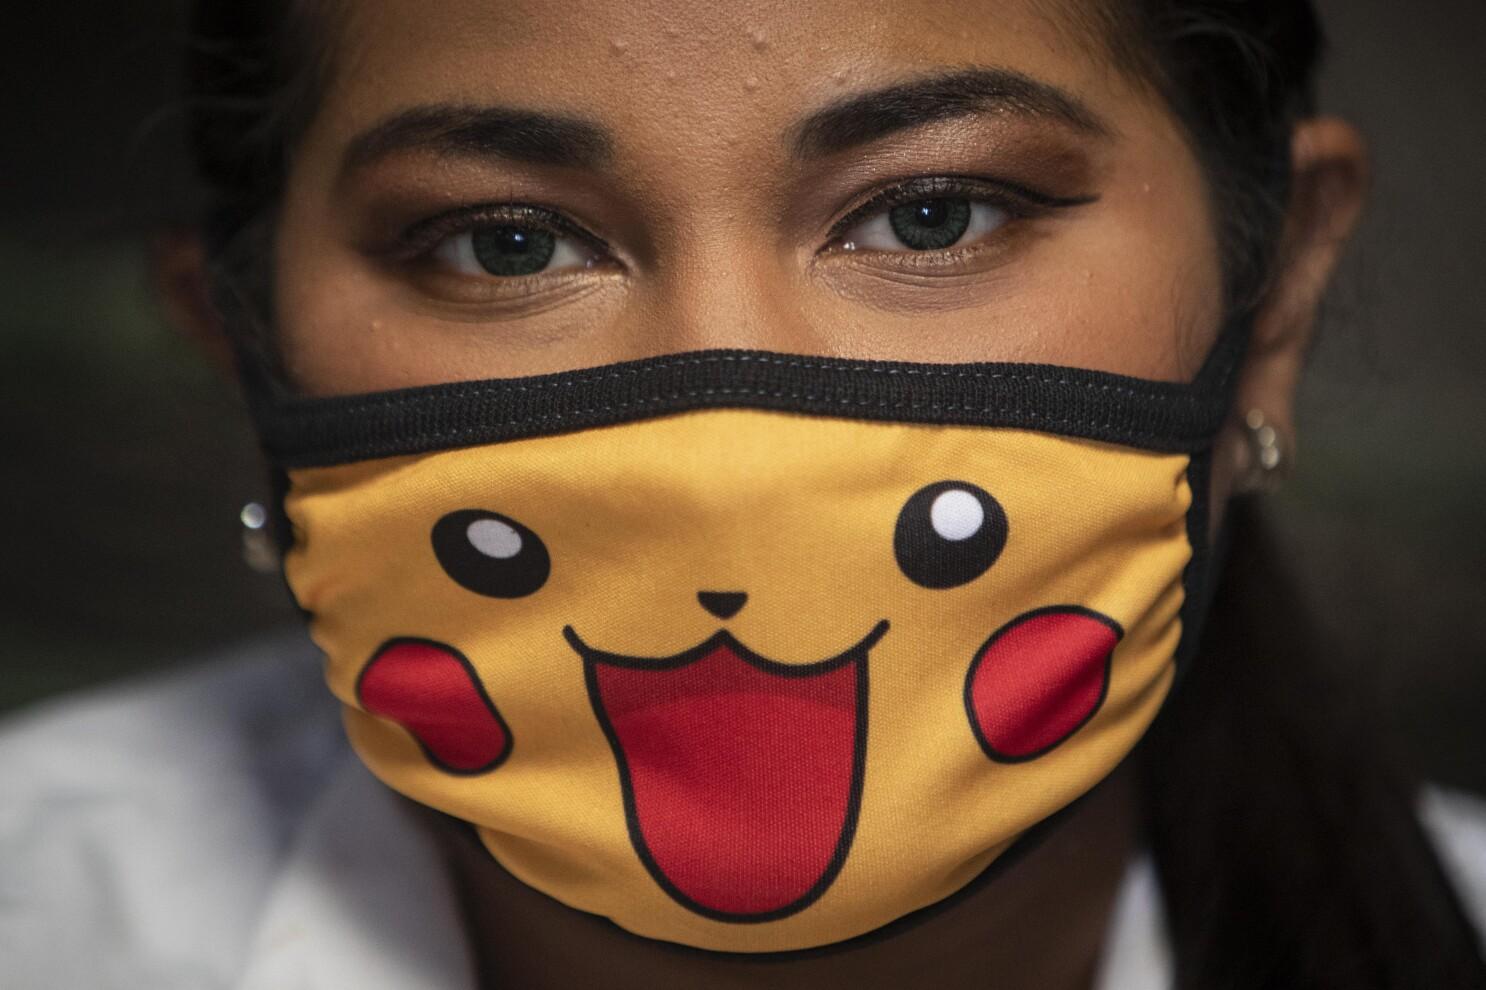 postal worker face mask for sale